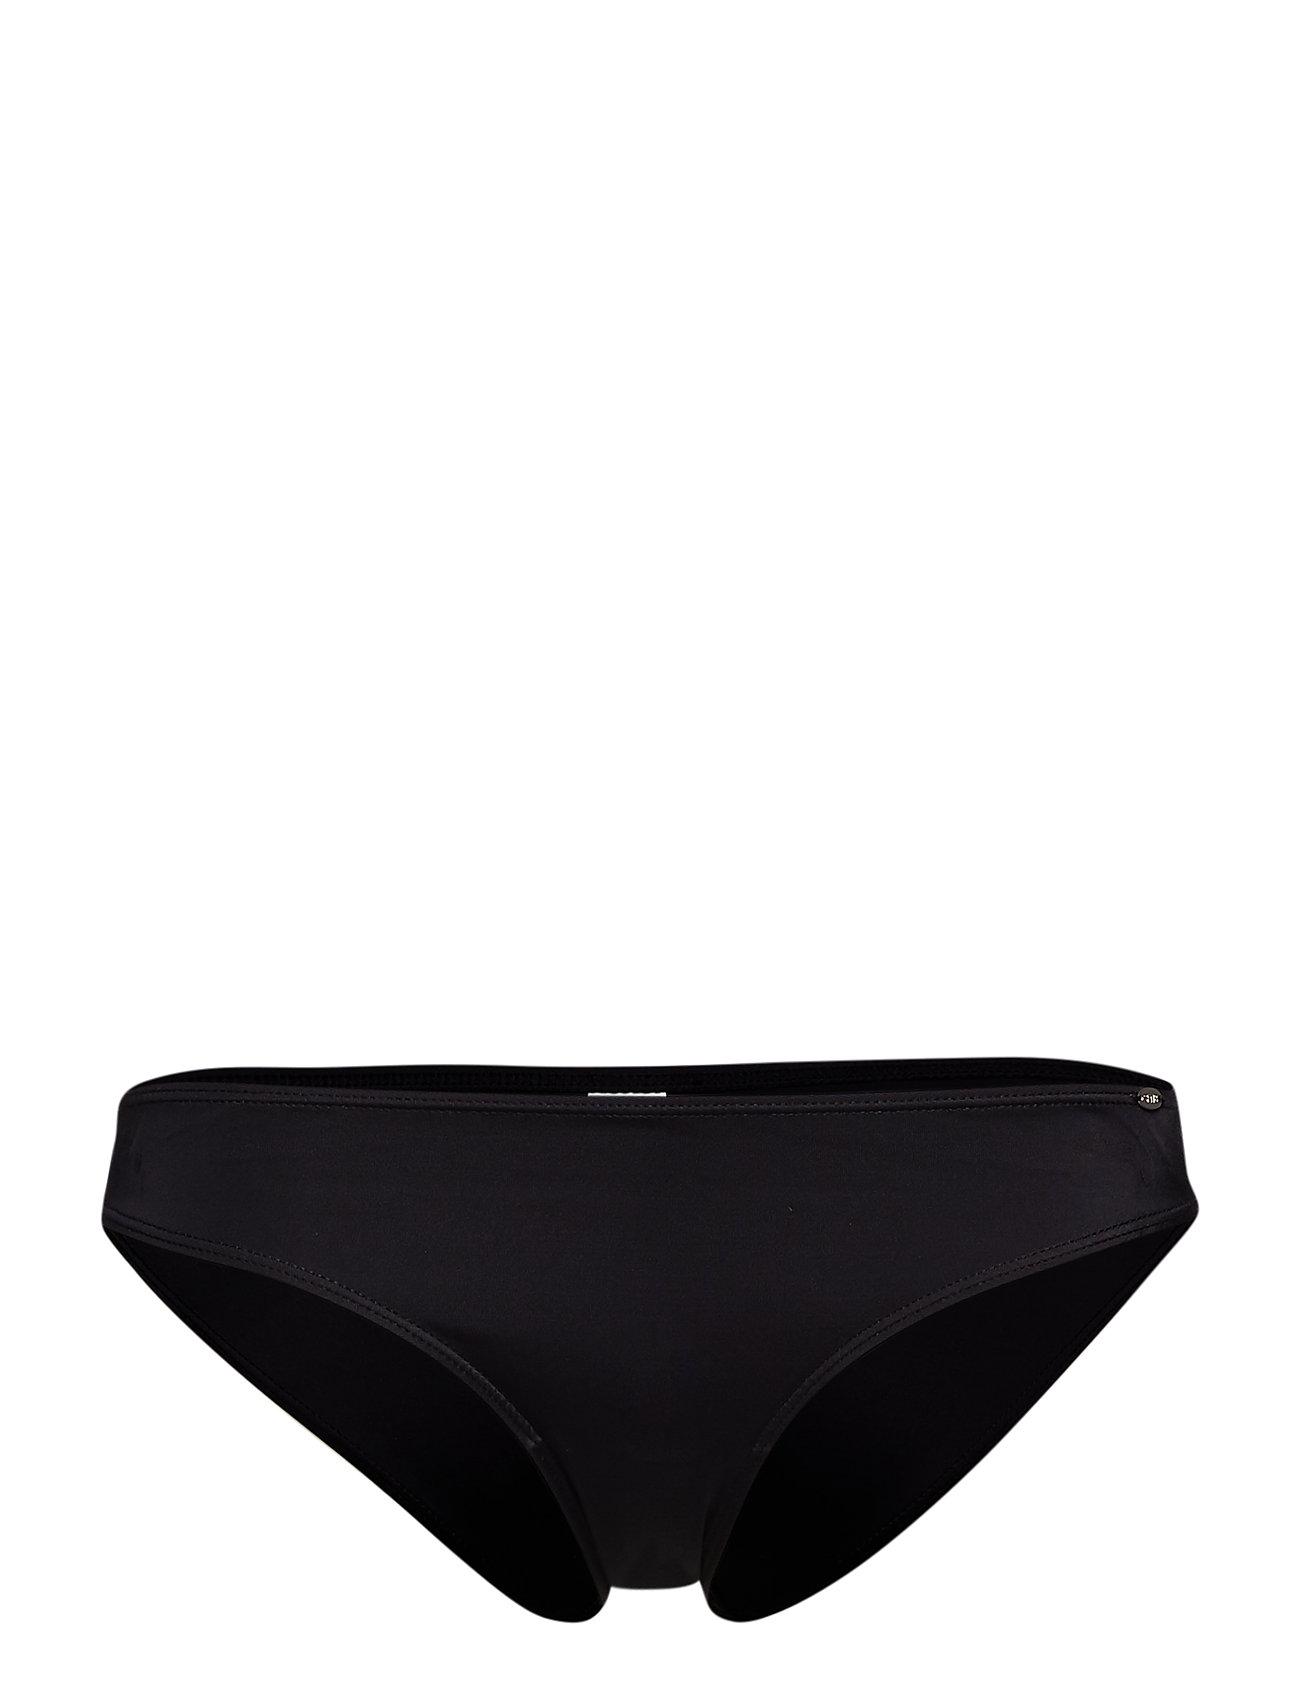 Skiny L. bikini briefs - BLACK